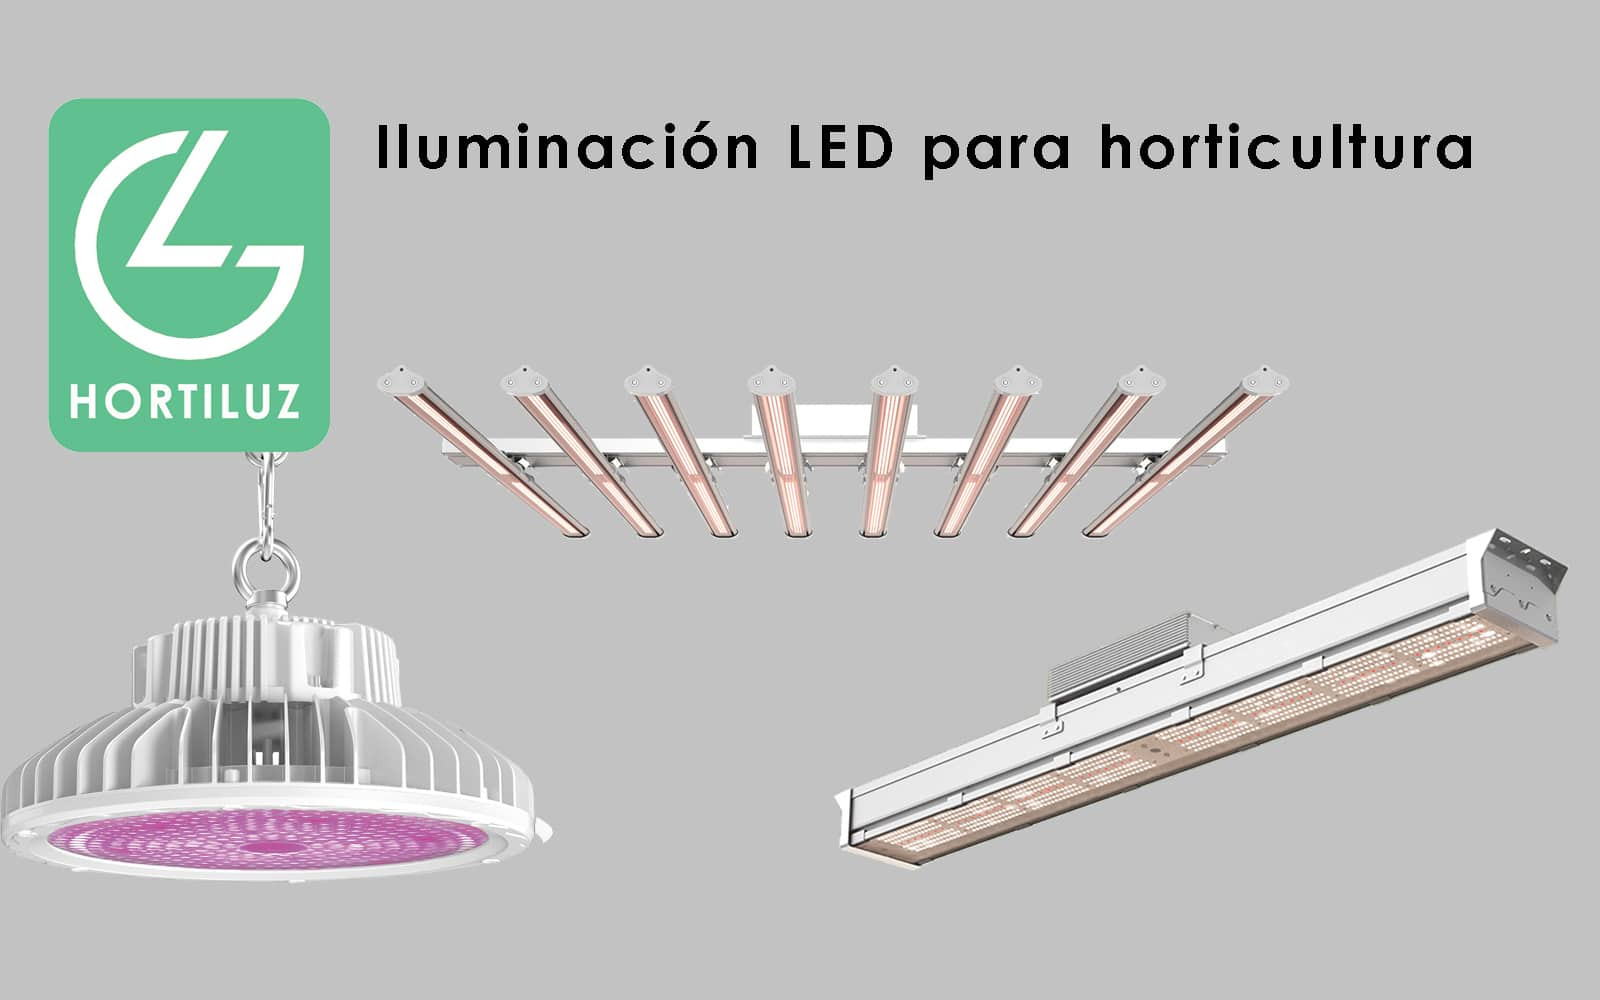 HORTILUZ - iluminación Horticultura